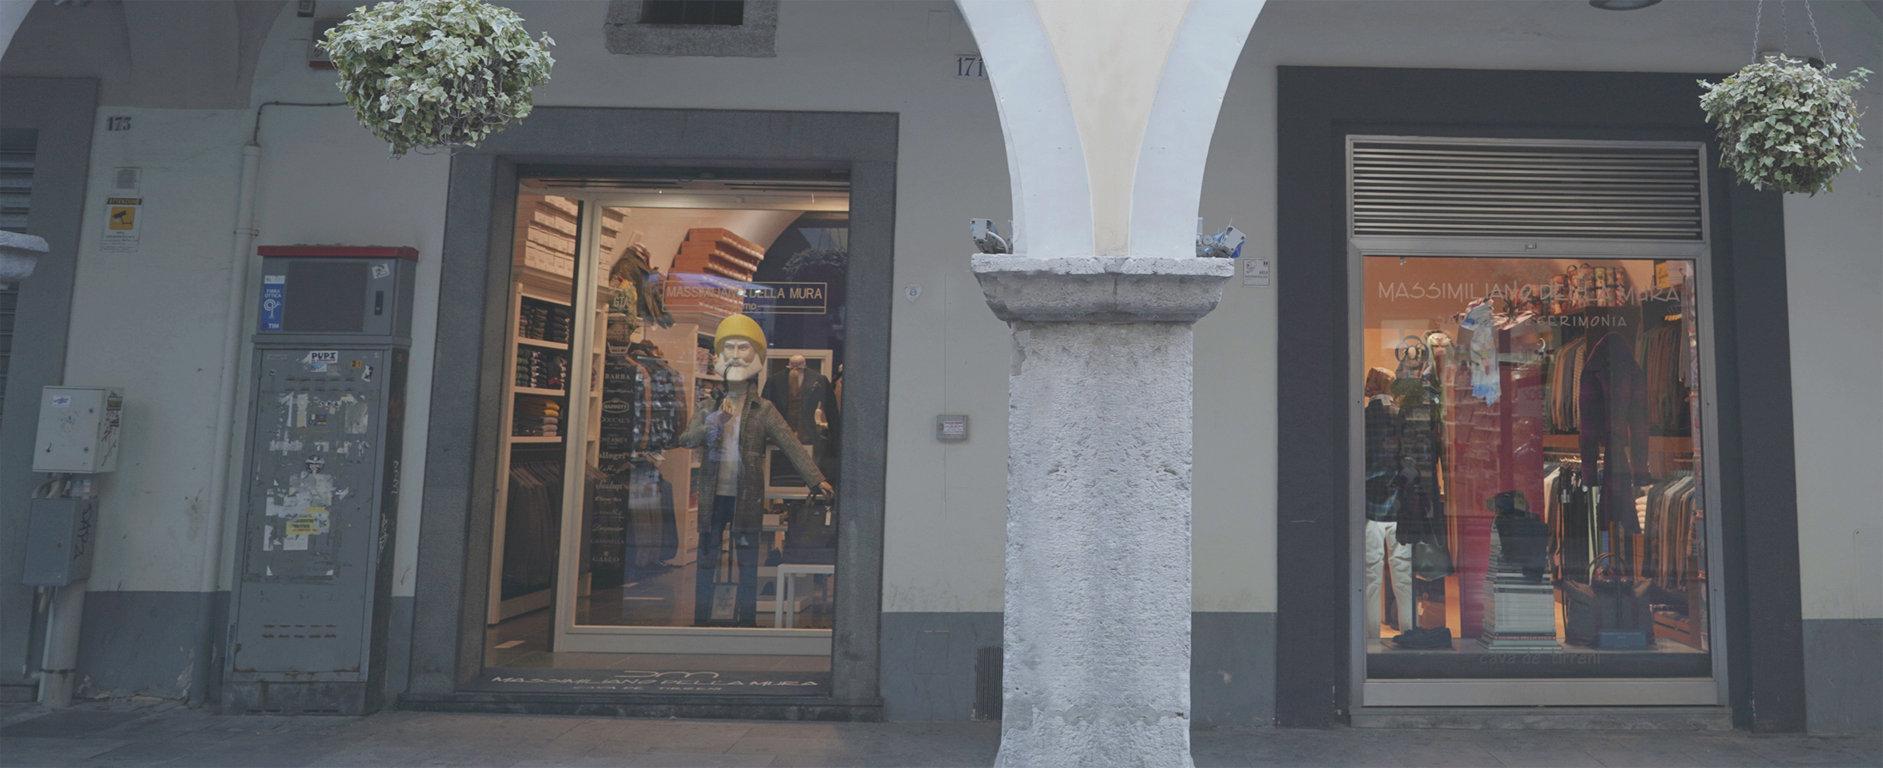 Sartoria Della Mura